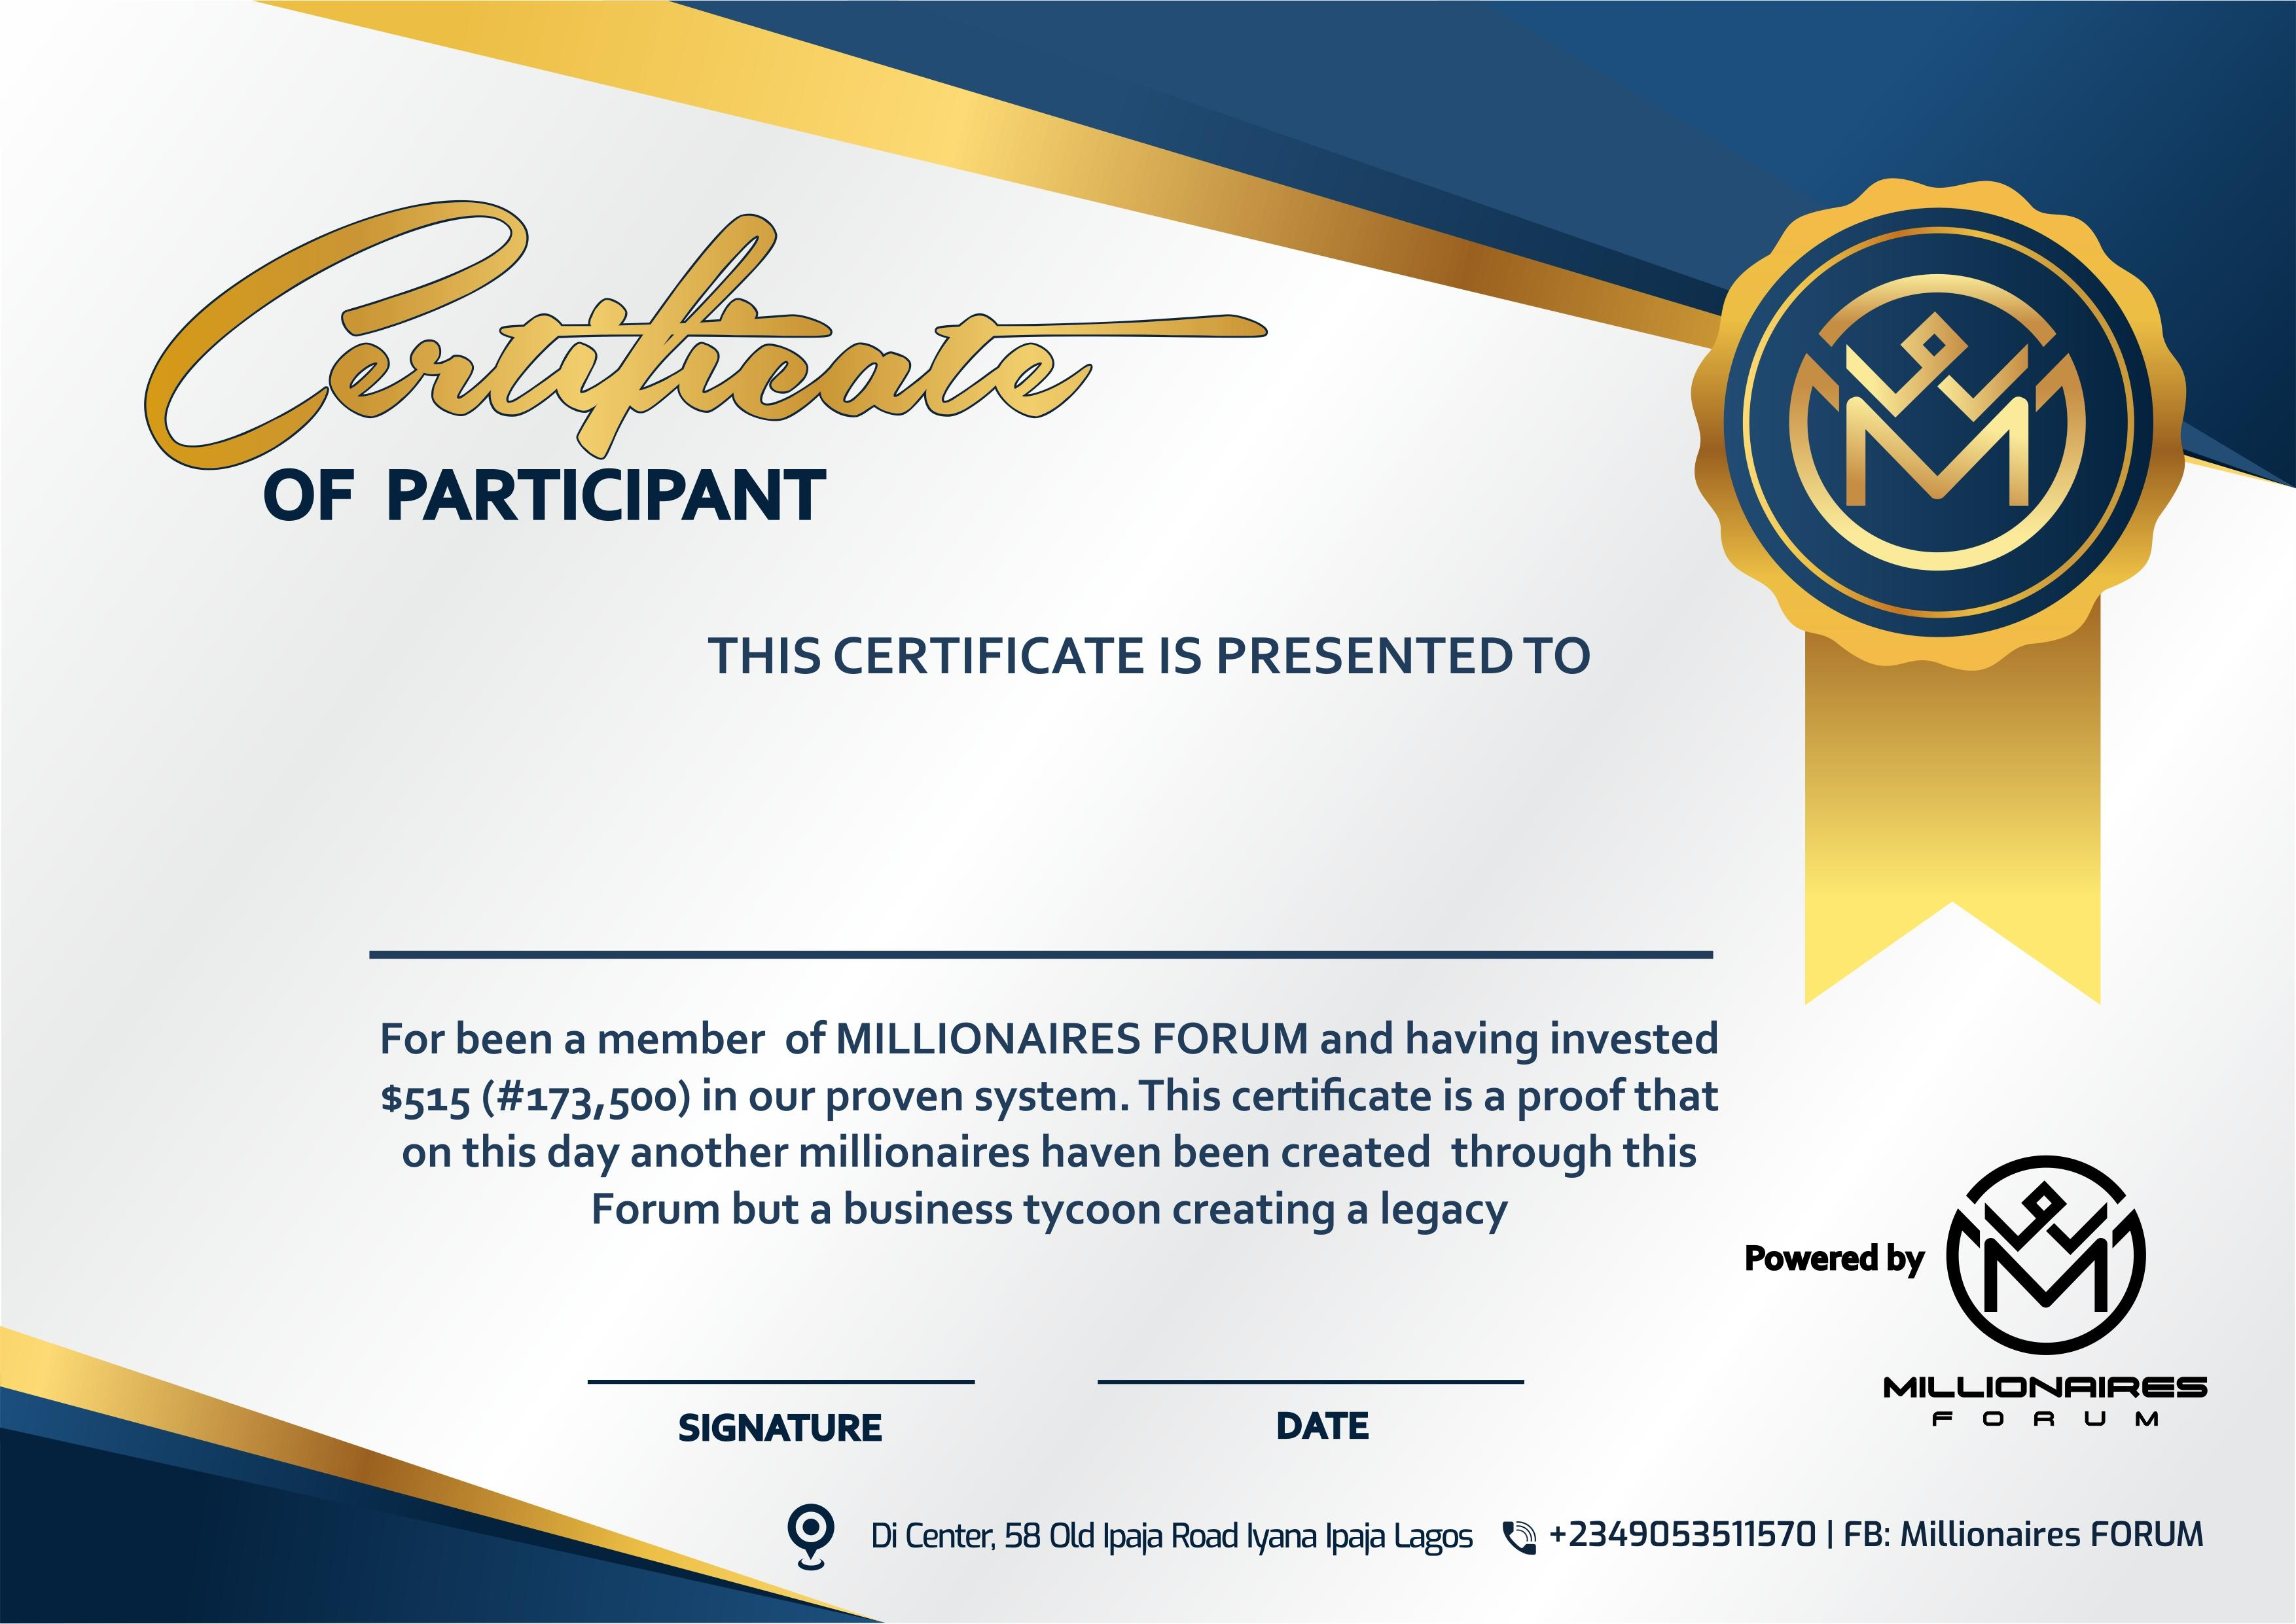 Millionaires FORUM